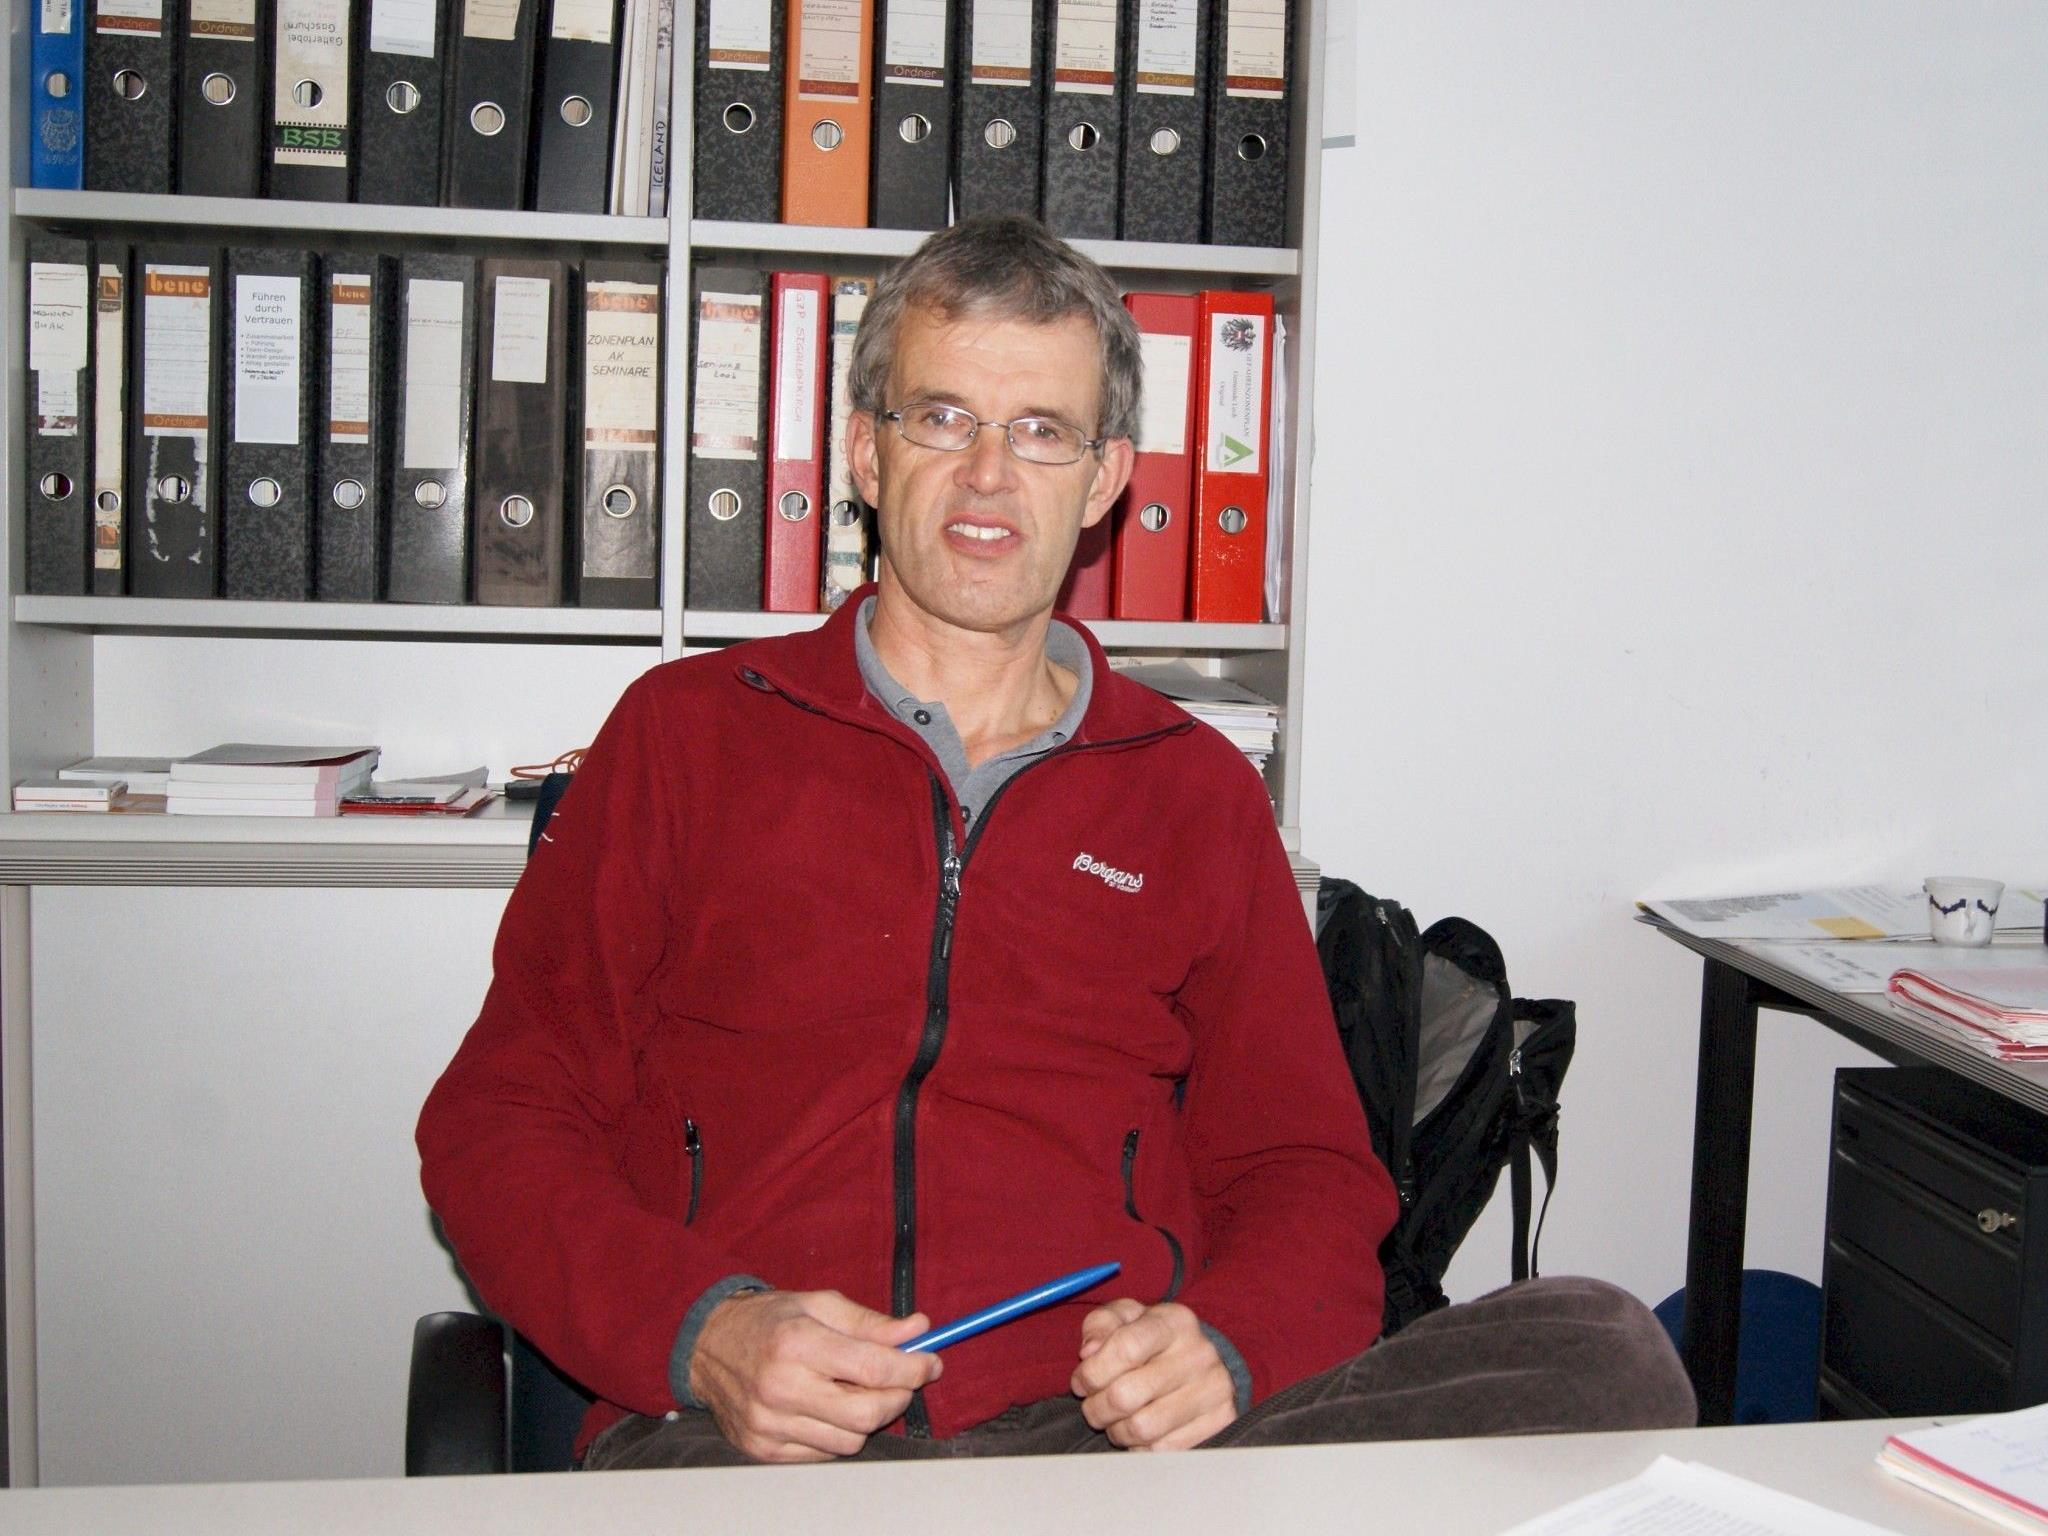 Wolfgang Schilcher leitet die Wildbach- und Lawinenverbauung im Bezirk Bludenz.